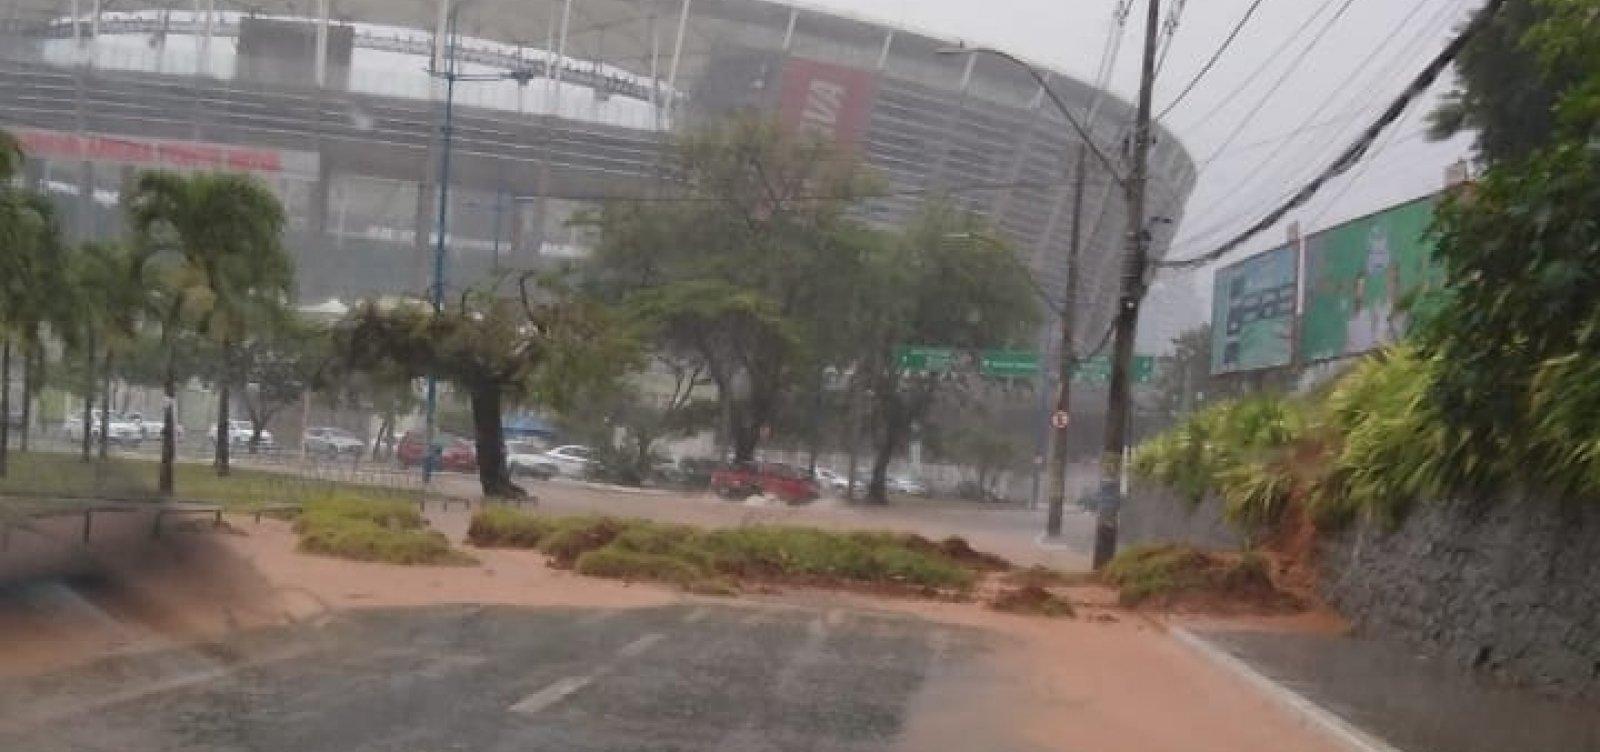 Chuva em Salvador: deslizamento de terra complica trânsito em frente à Fonte Nova